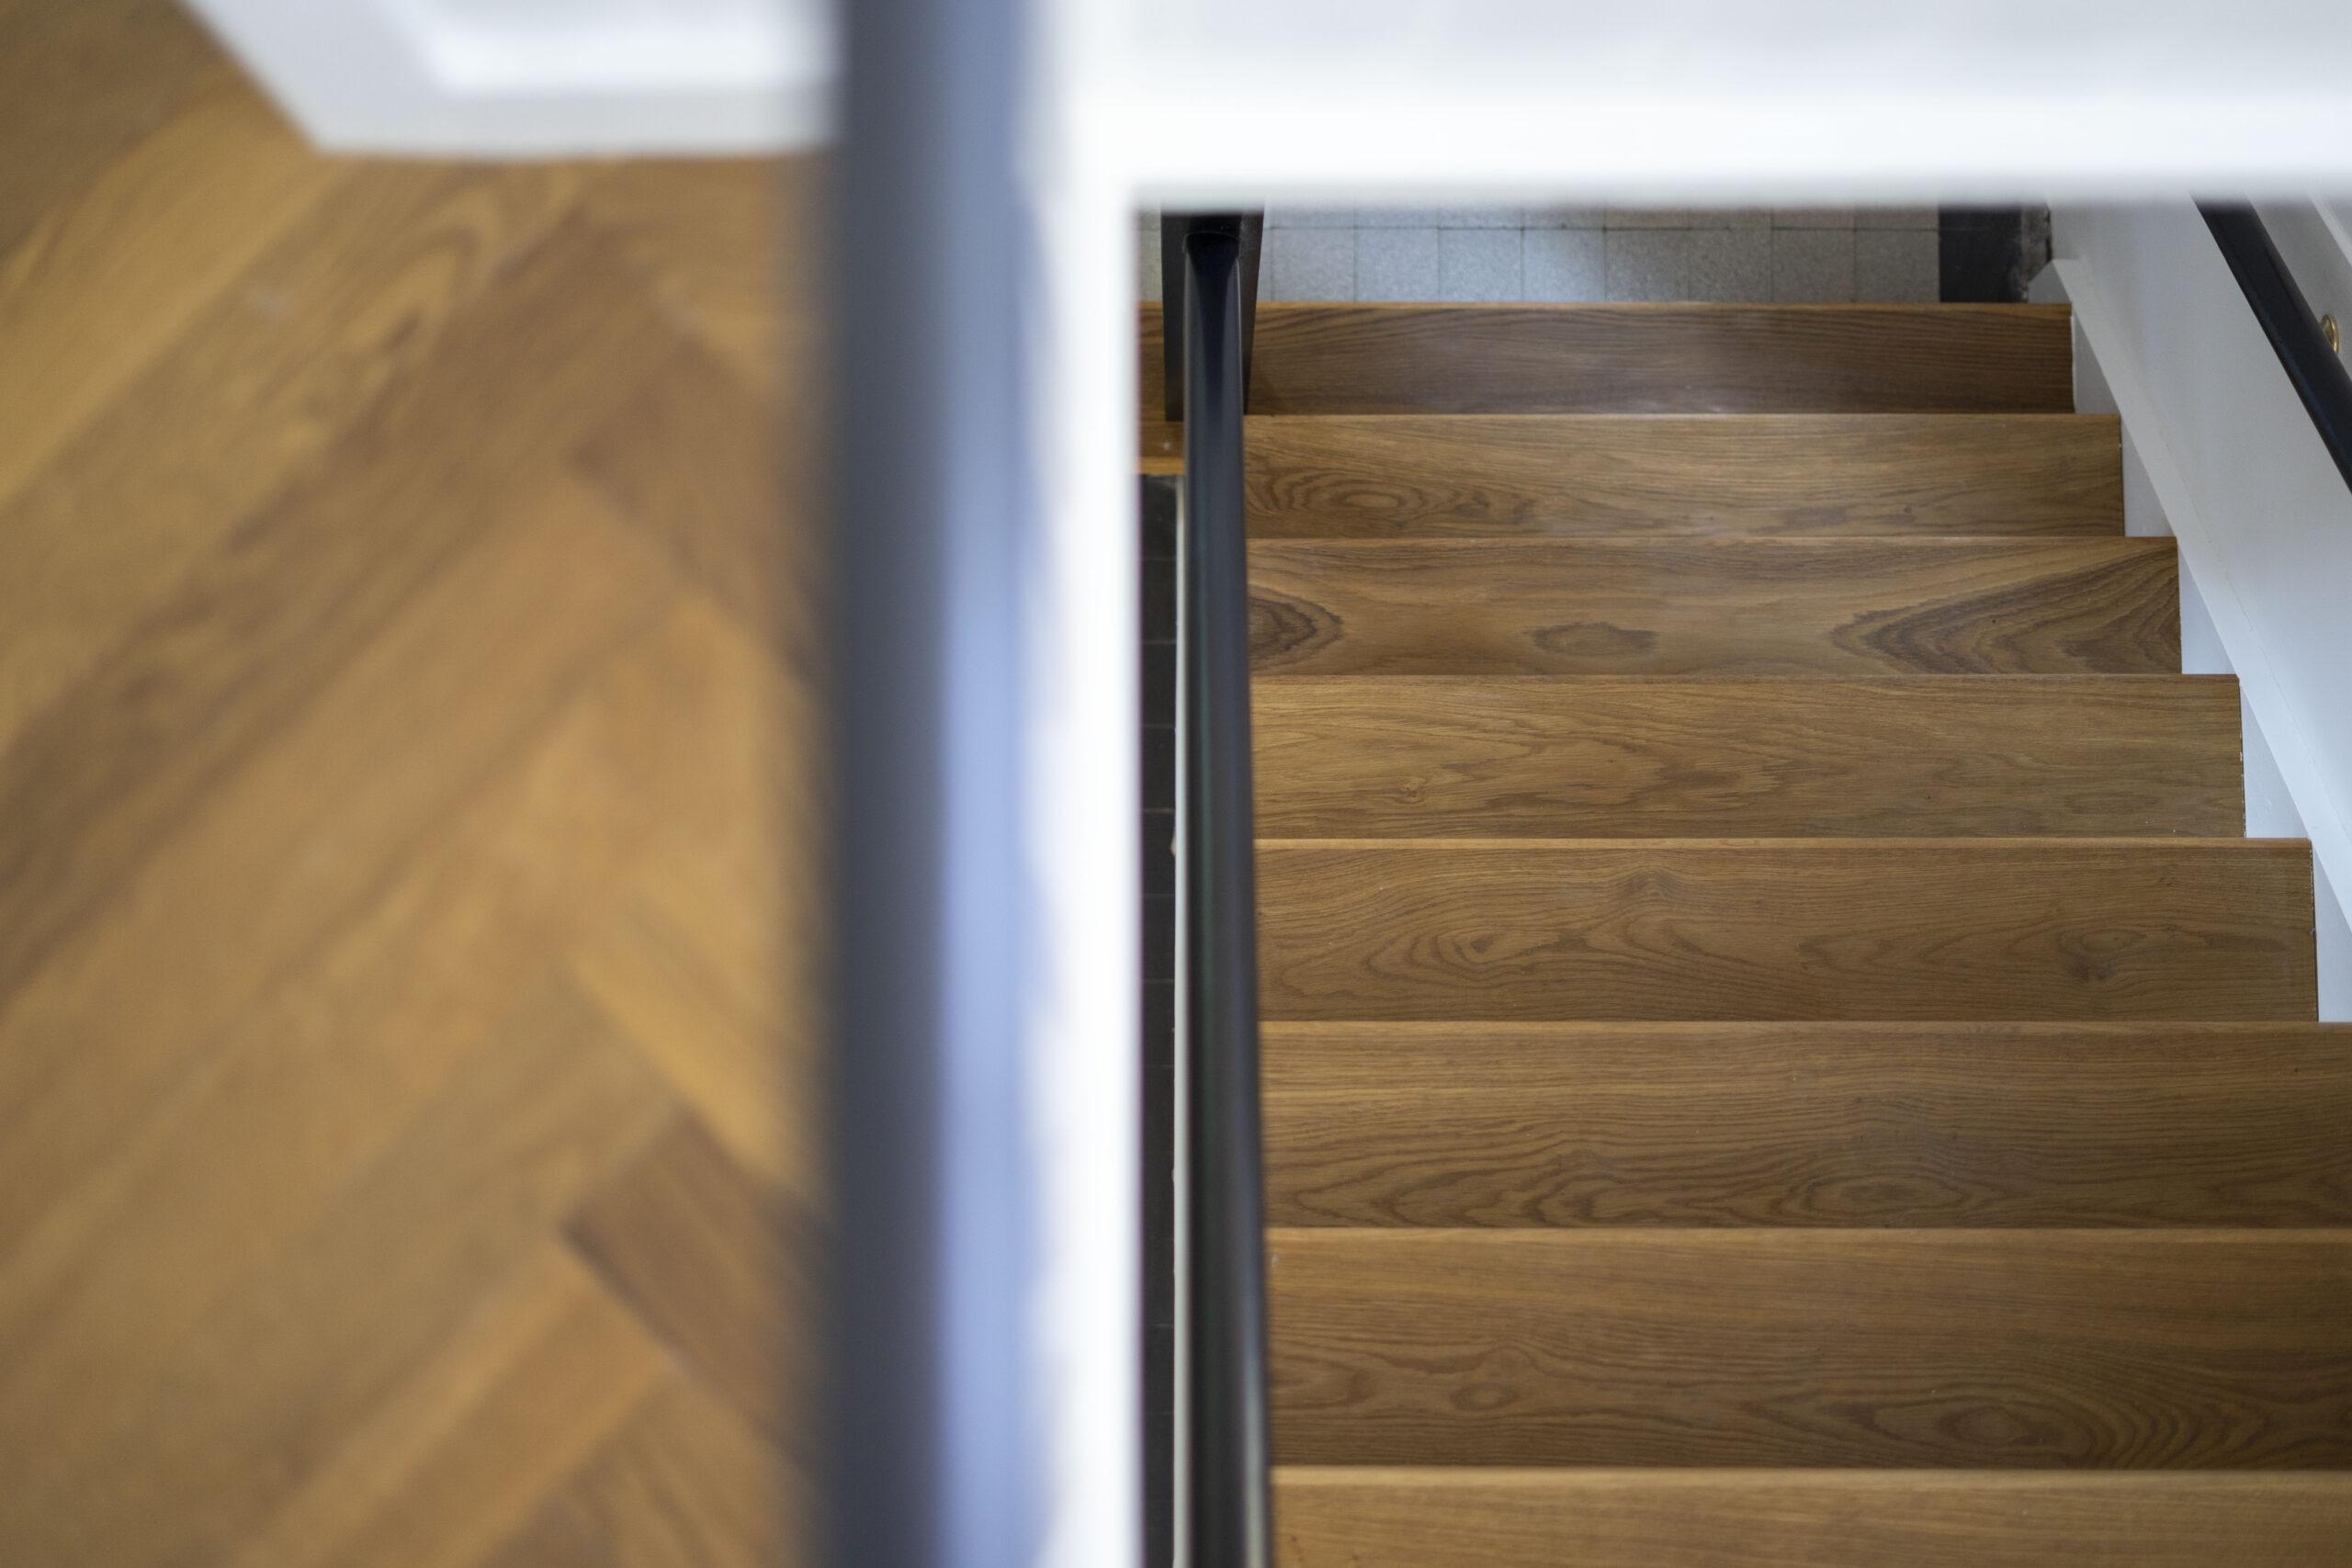 Trapbekleding van Eikenhout gelegd in dezelfde kleur als de vloer.